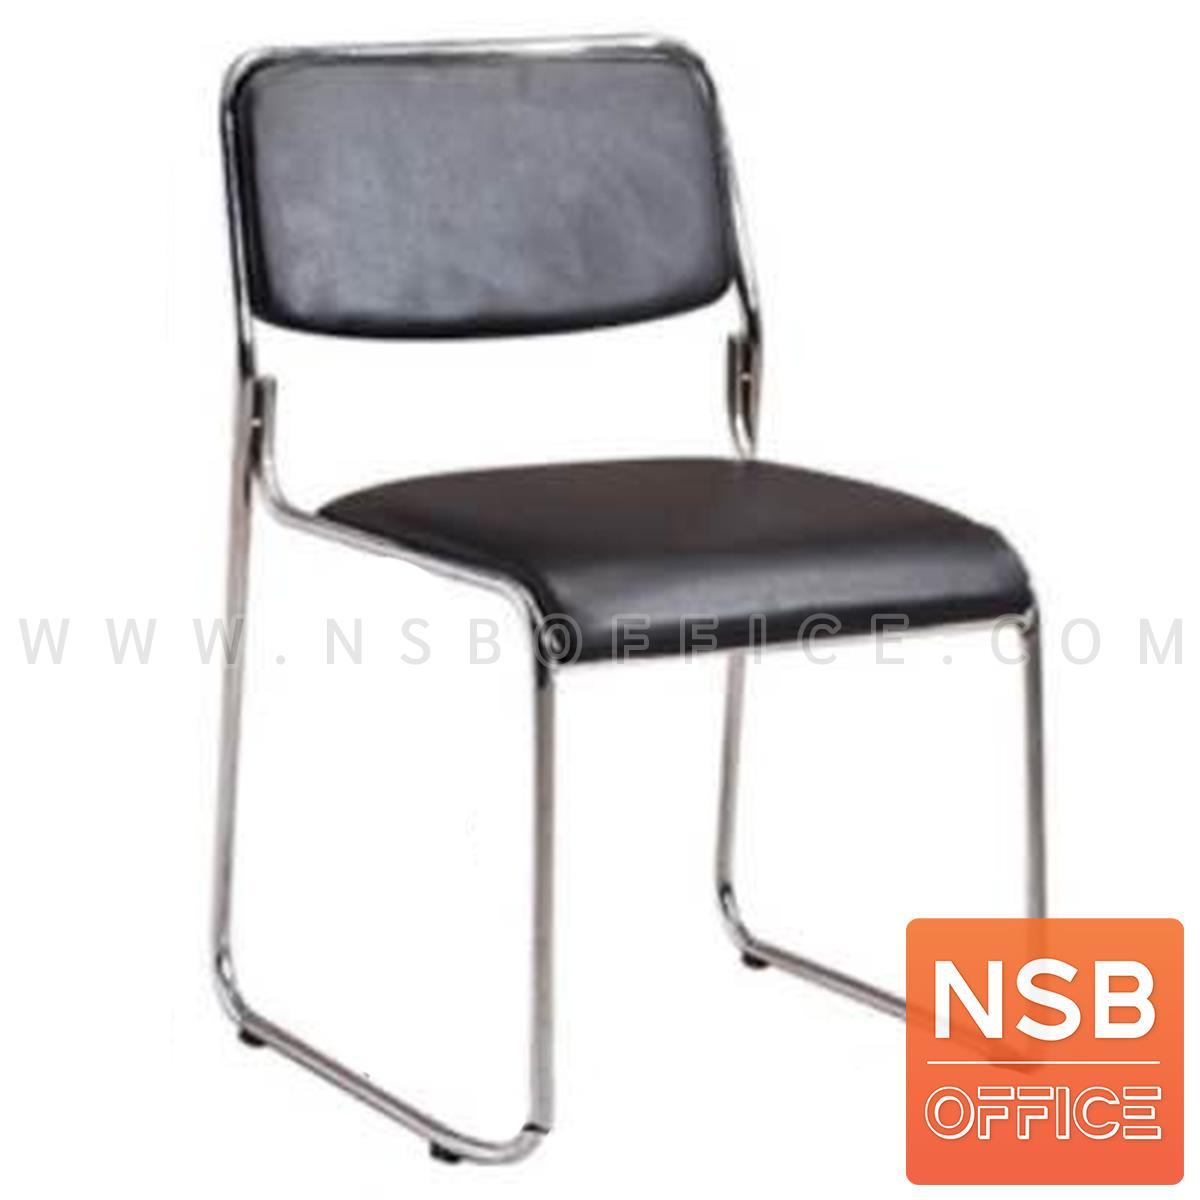 B05A181:เก้าอี้อเนกประสงค์หุ้มหนัง รุ่น Ceasar (ซีซาร์)  ขาเหล็ก